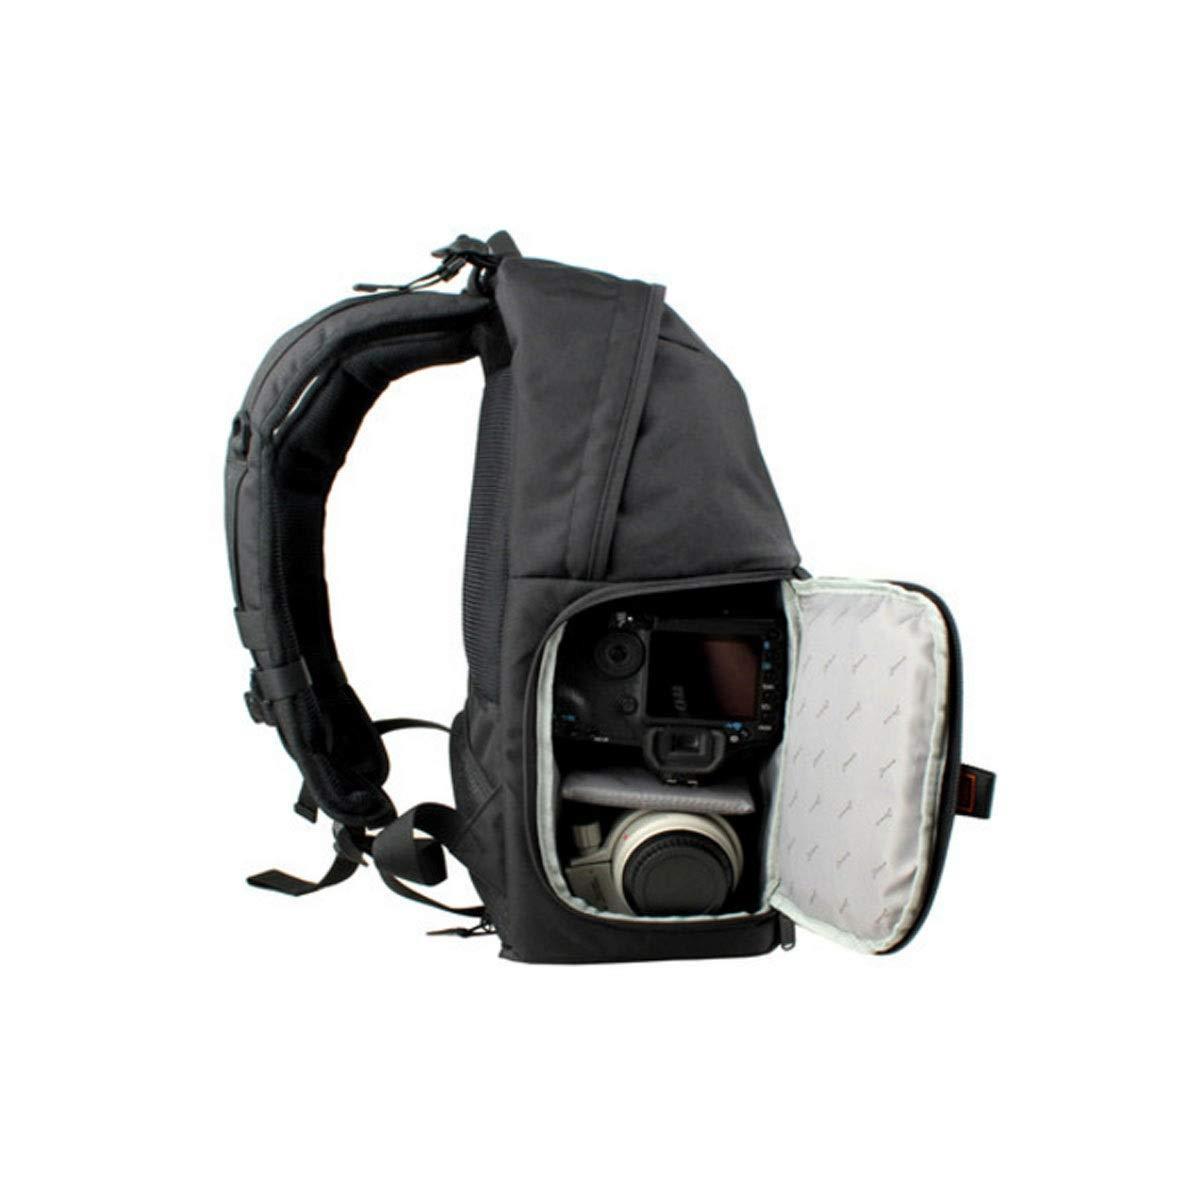 カメラバッグ、バックパックを厚くして増やす、便利な大空間ユーススタイル24×16×43赤 (Color : Black) B07R4WYMZF